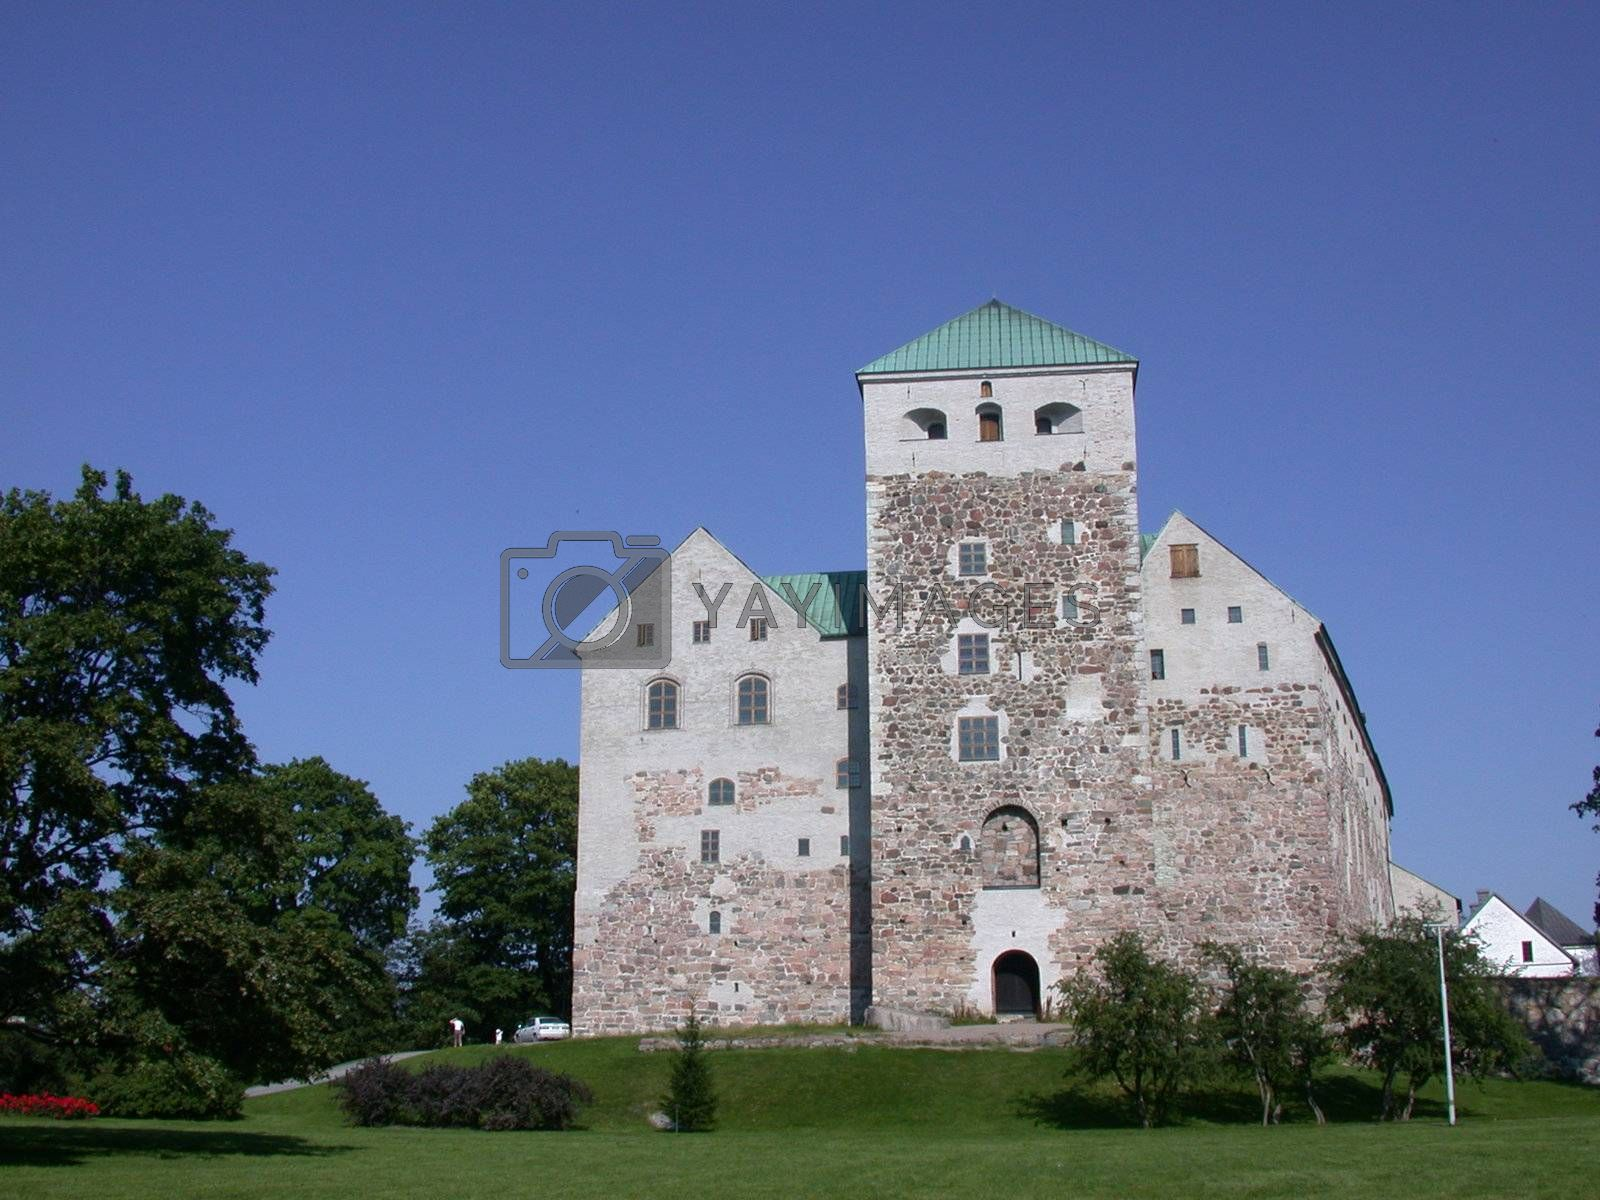 Medival castle in Turku (åbo), Finland